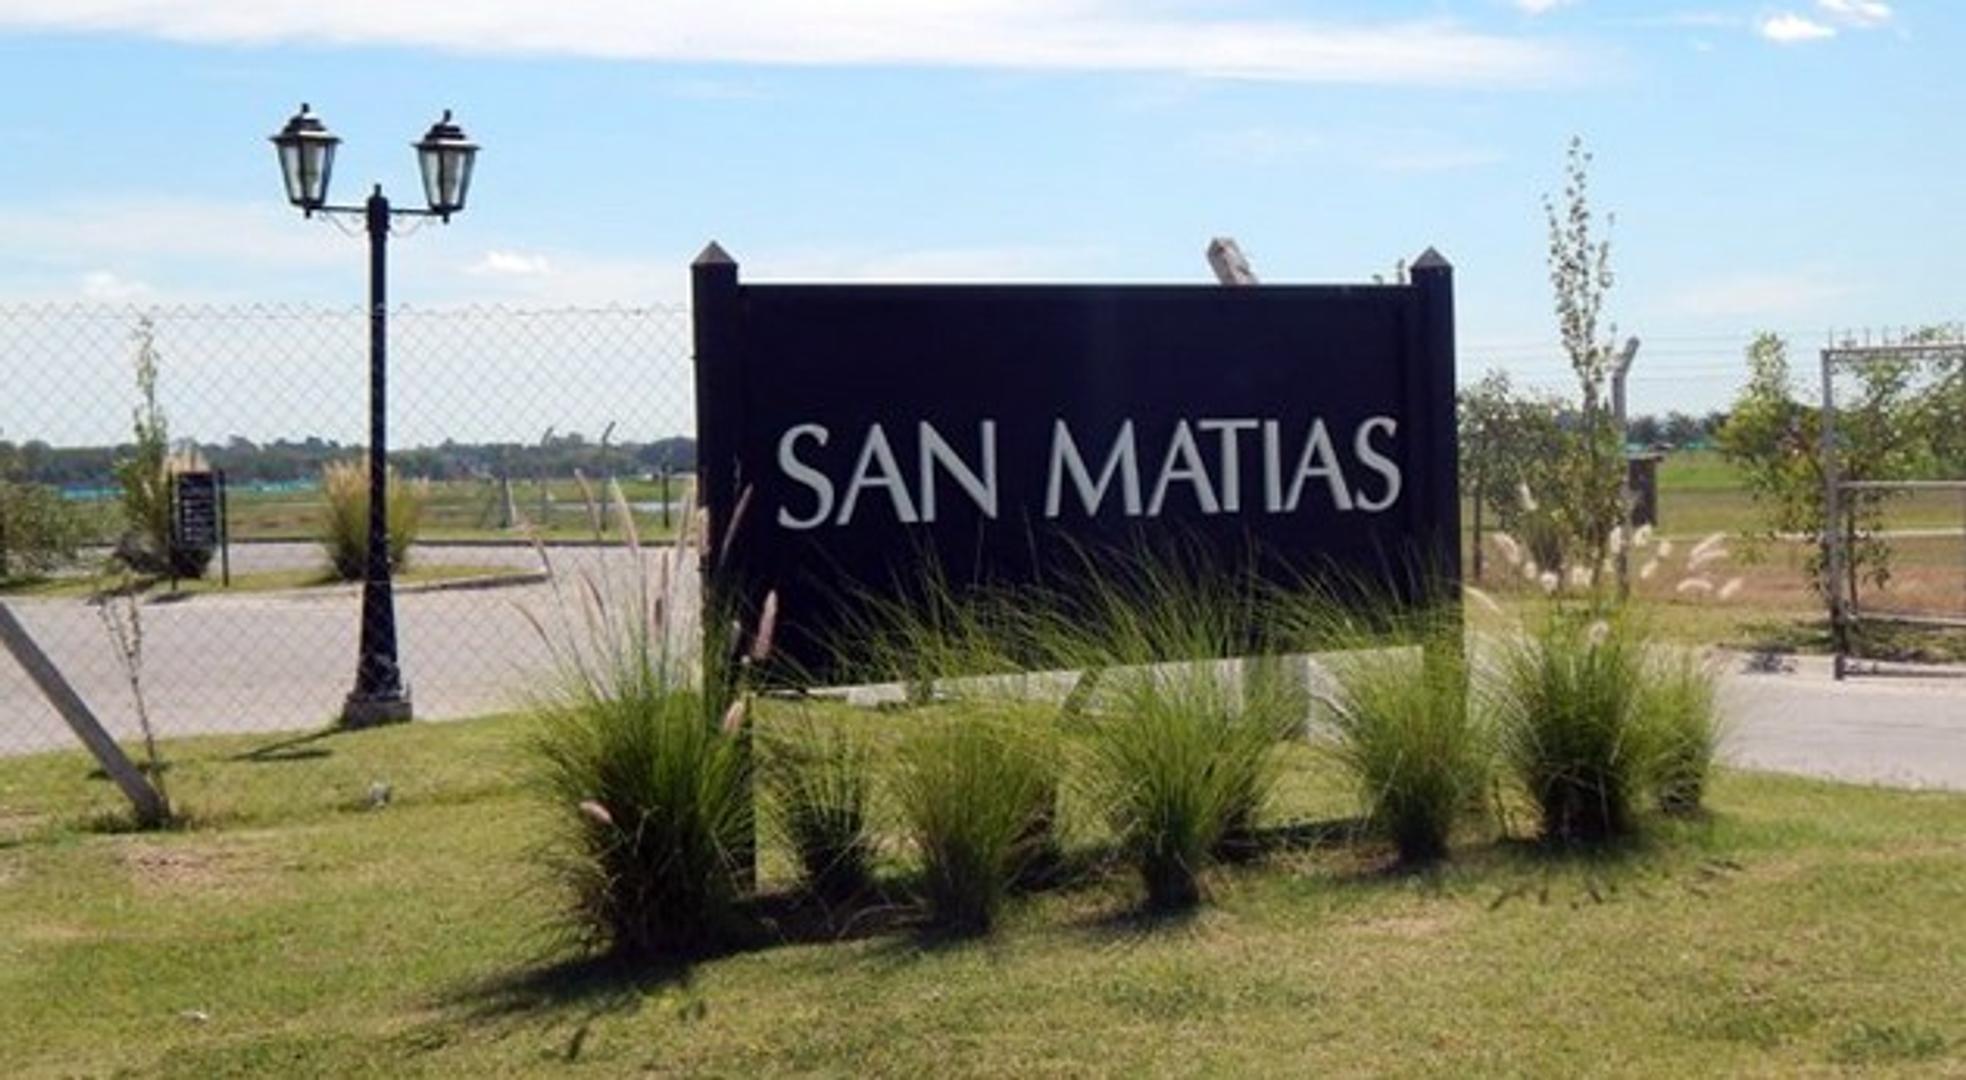 LOTE en VENTA - SAN MATIAS - AREA 5 - 833 mts